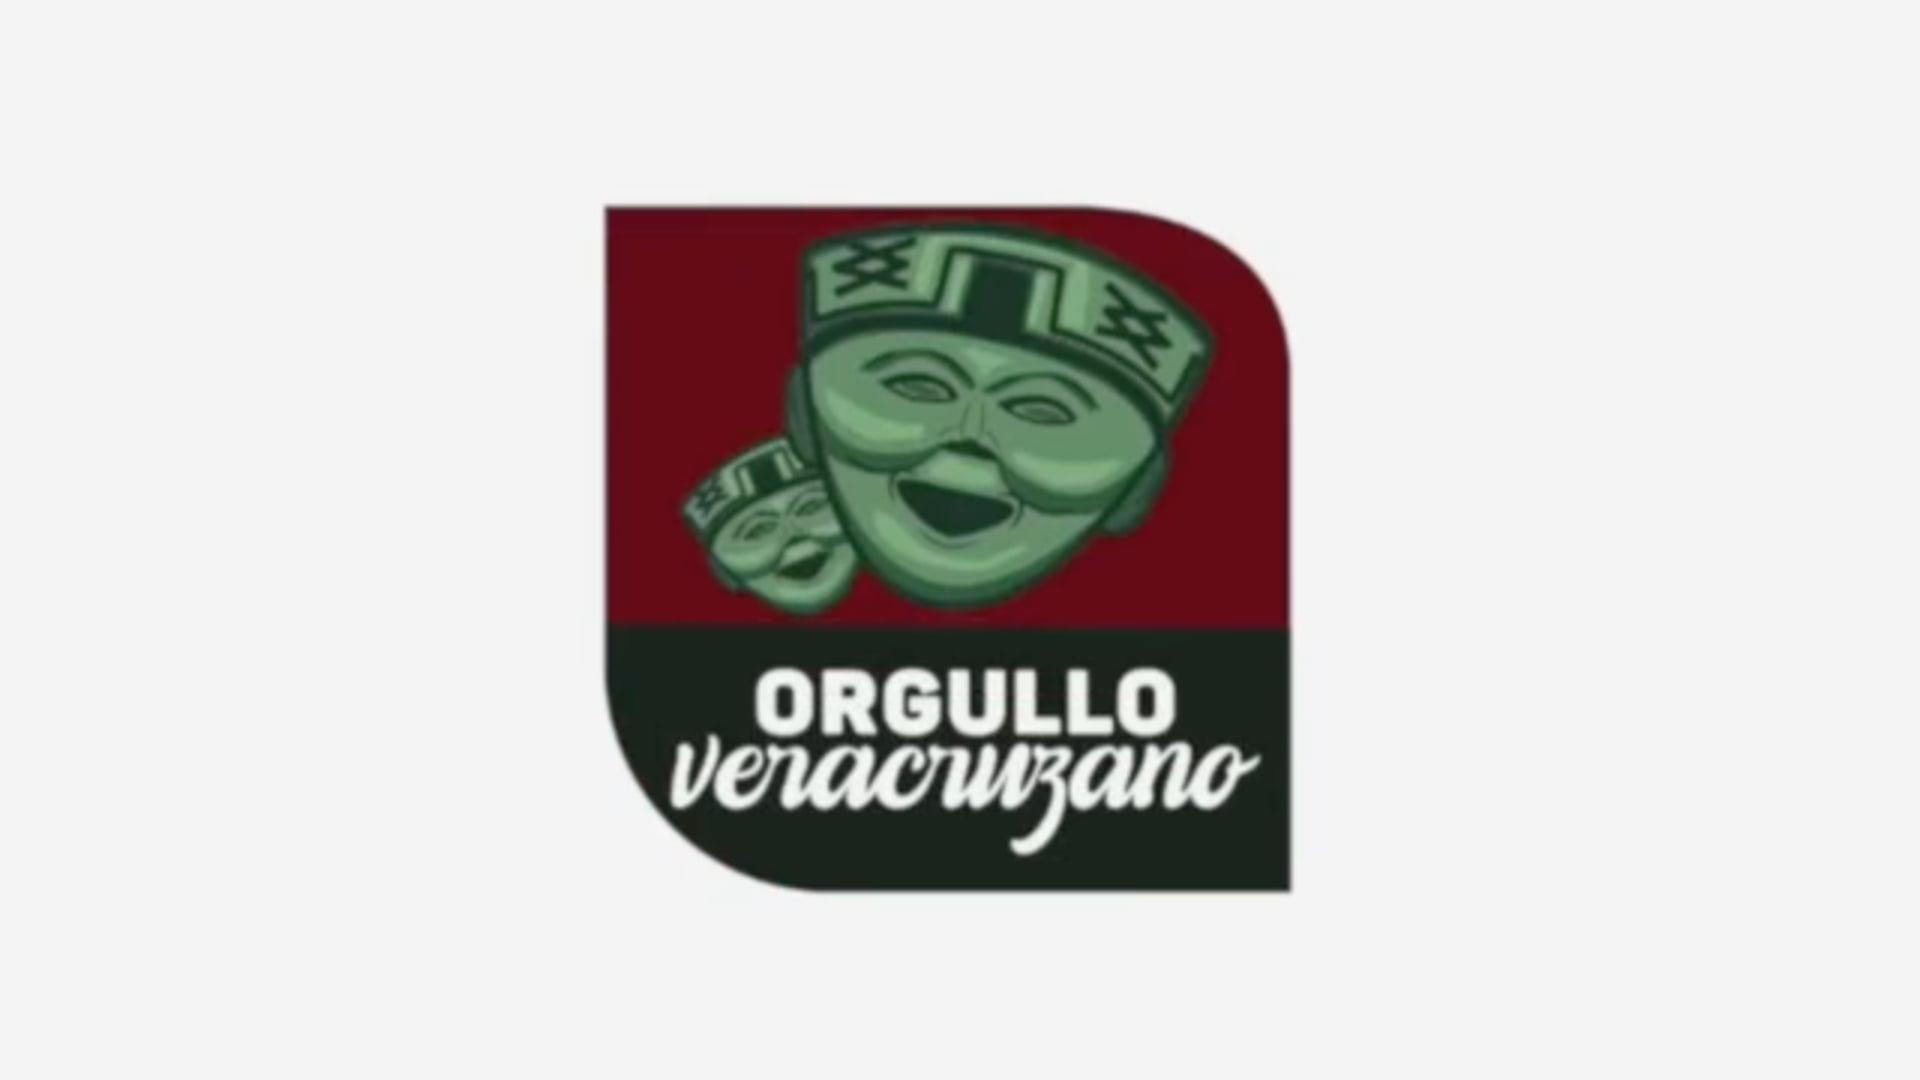 Orgullo Veracruzano - Cápsulas